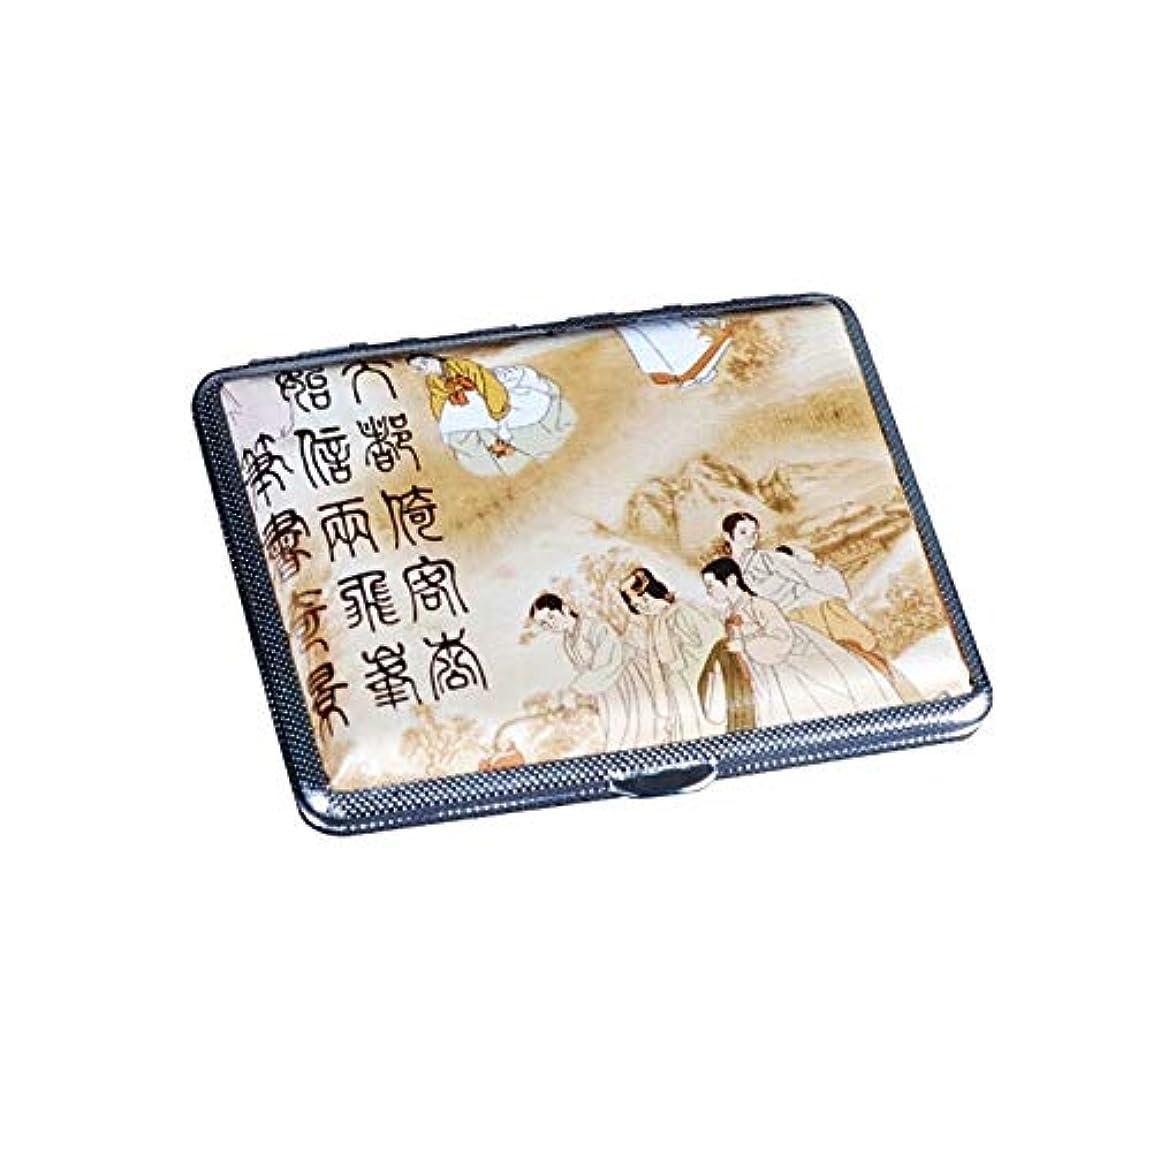 セールスマン責める人柄XIAOCHAOSD タバコ箱、自動ビジネス統合、メンズクリエイティブレザーシガレットケース 14、16、18スティック、 (Size : 14 sticks)